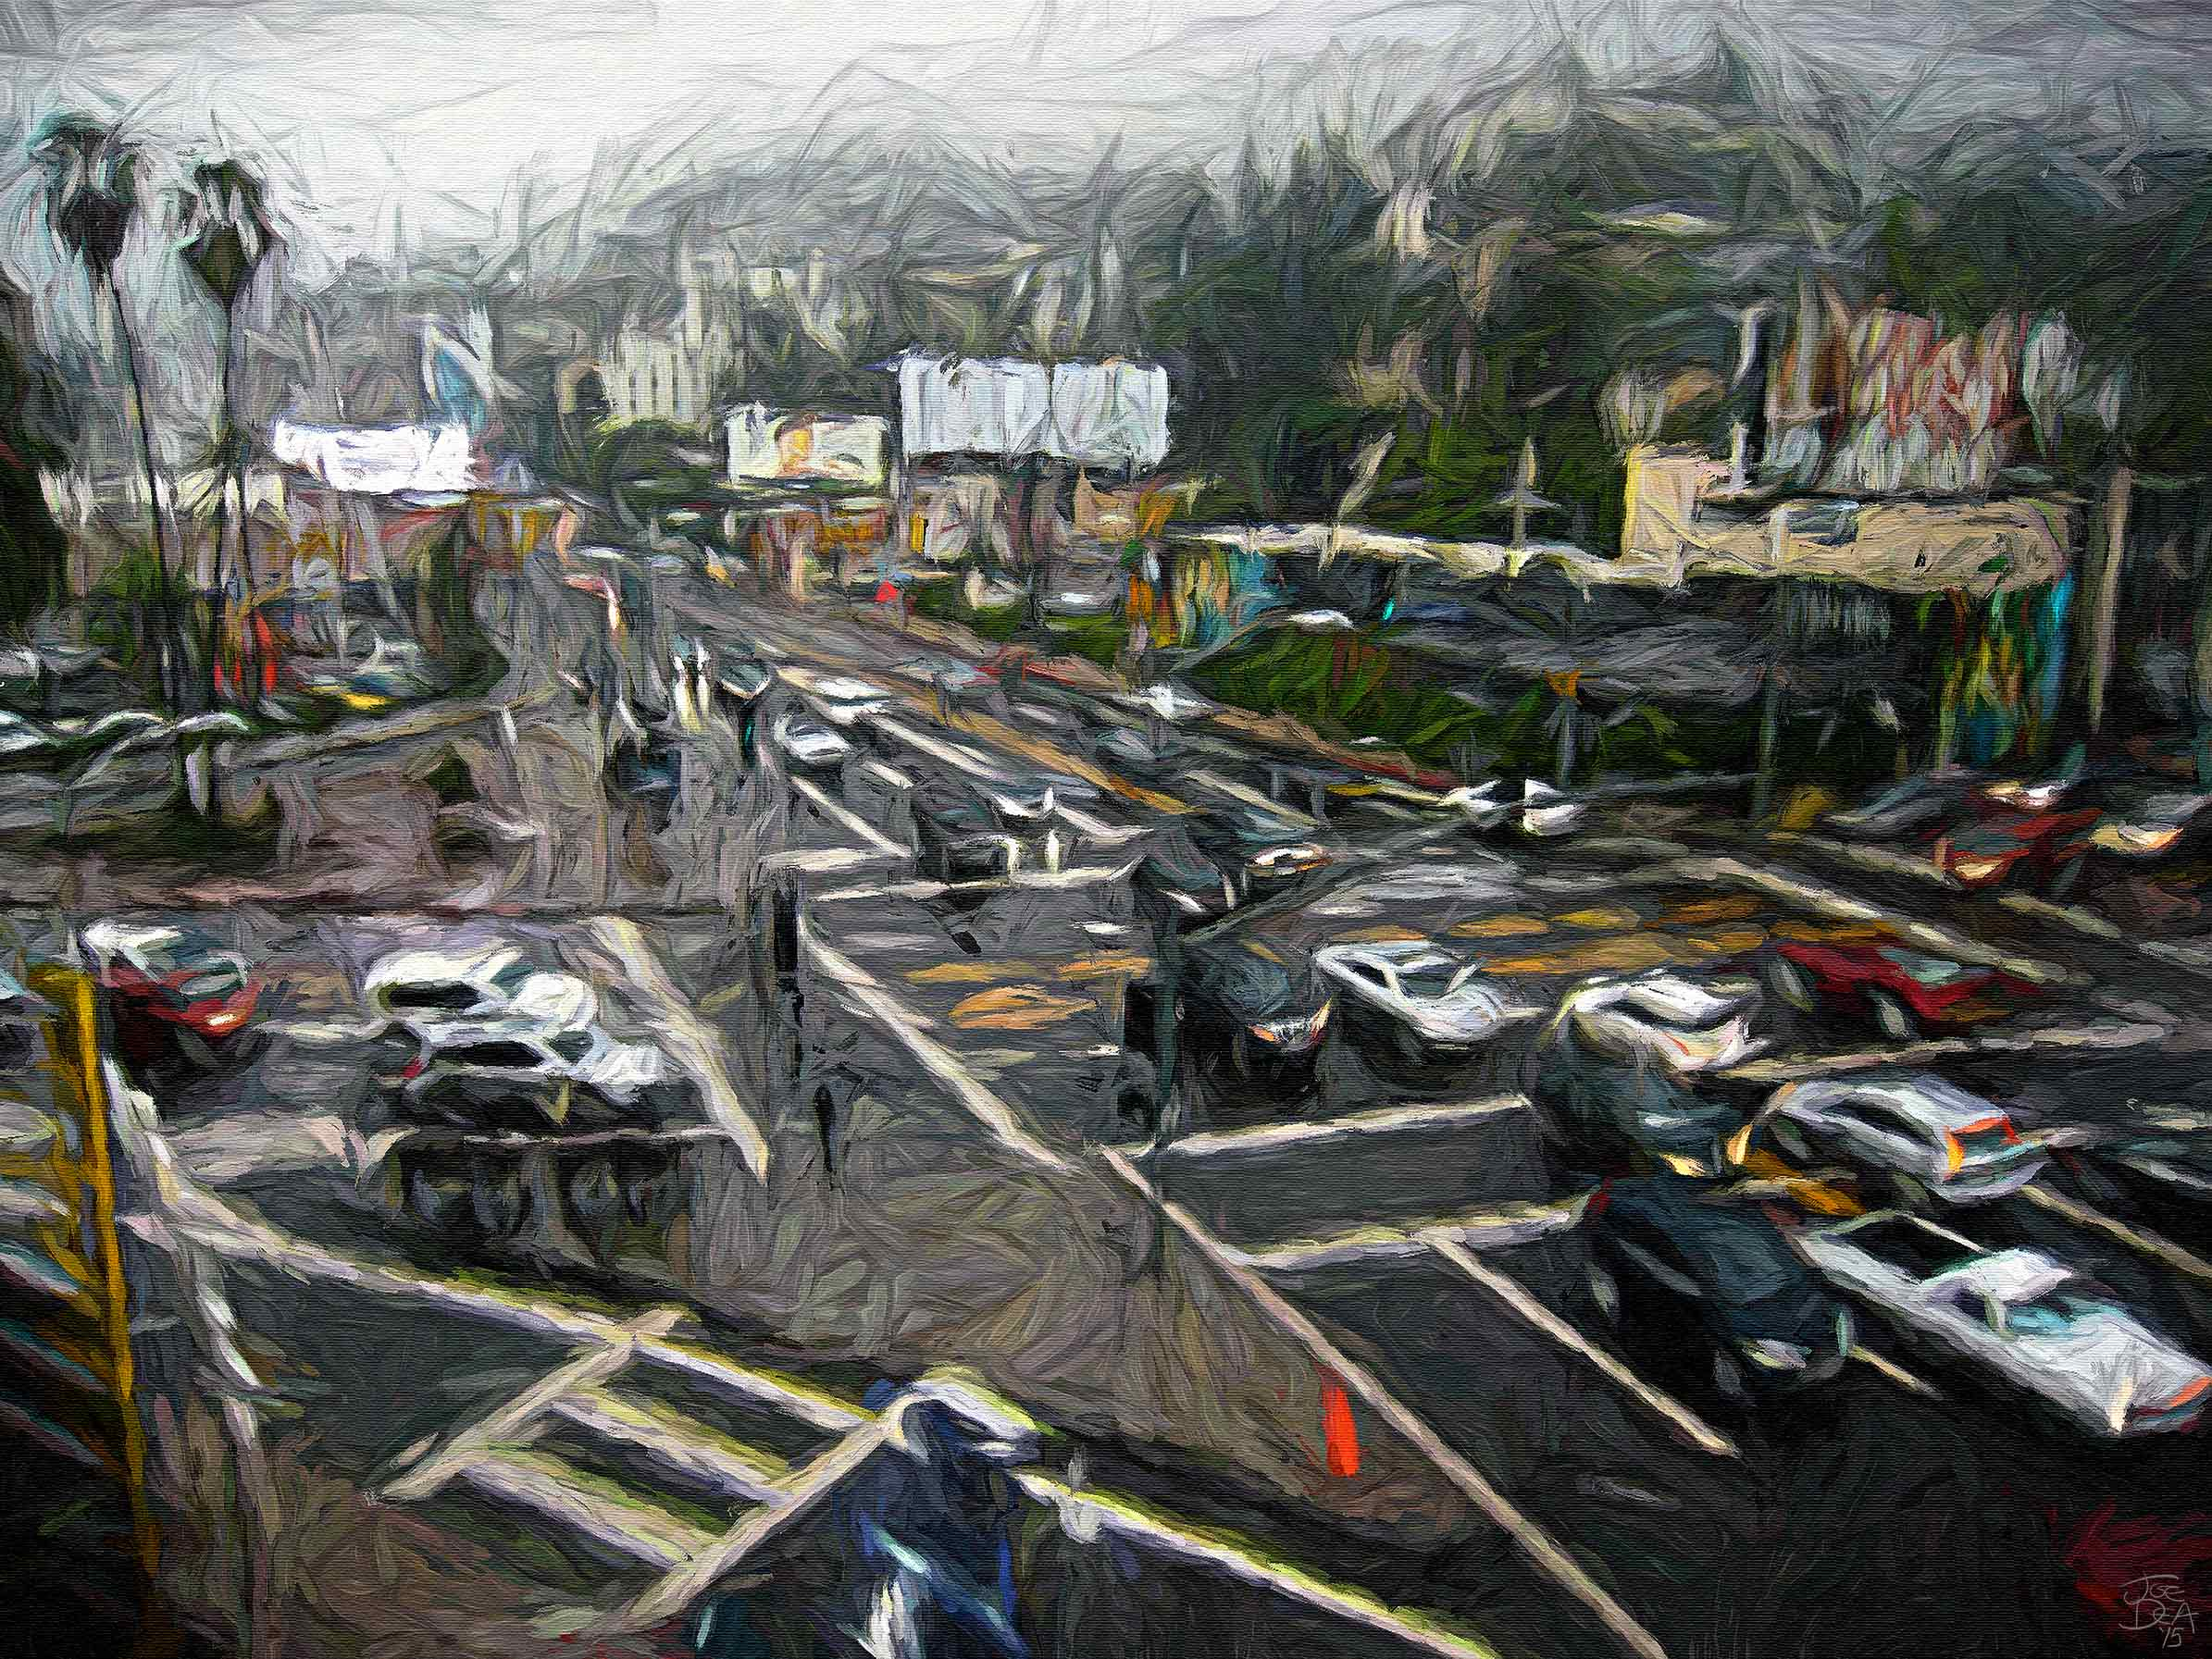 Joe-Dea-Sunset-Laurel-Rain-painting-web-LB2.jpg